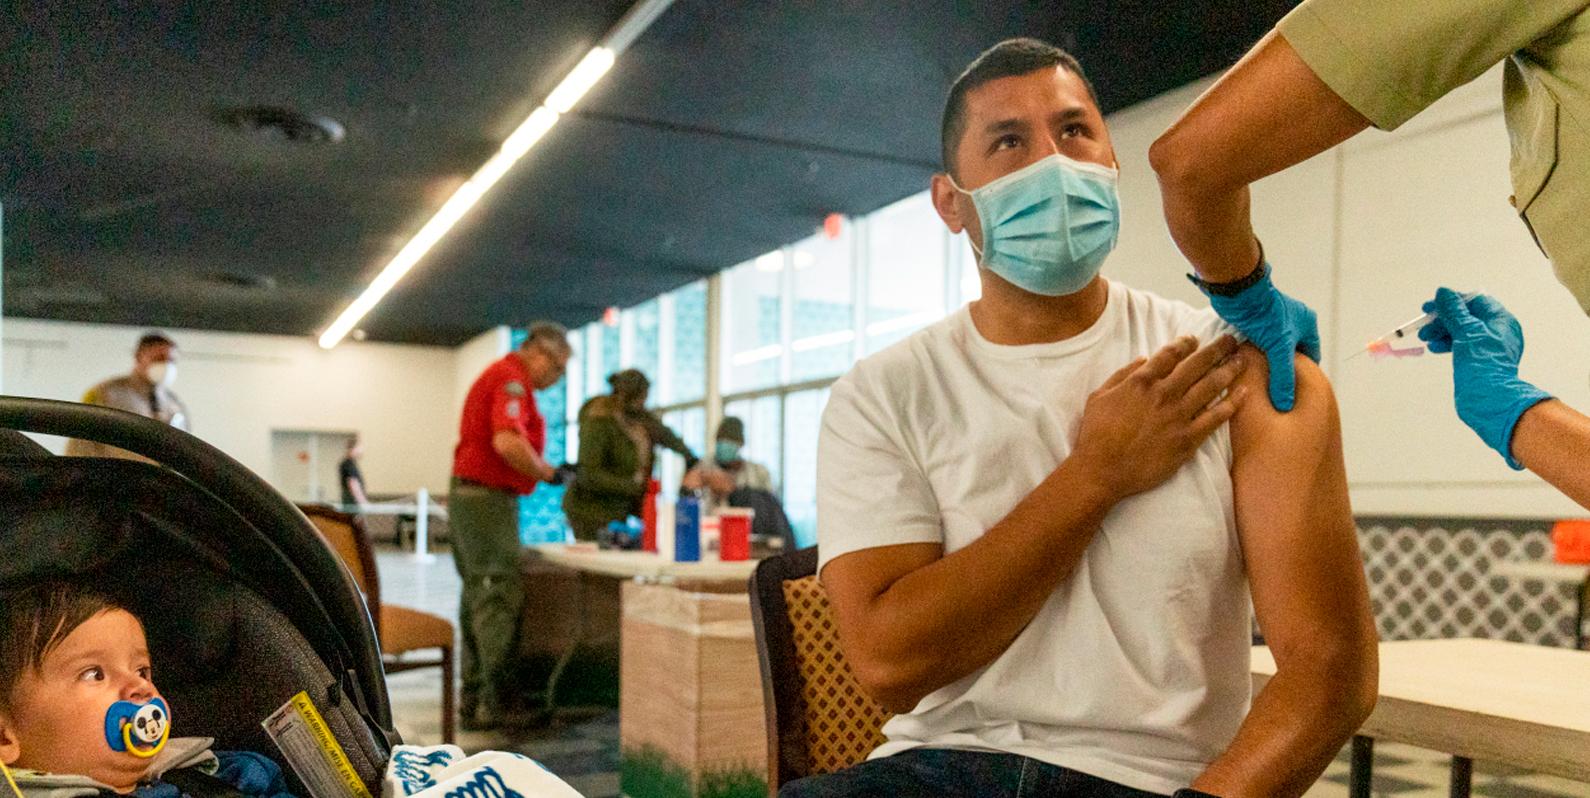 O que o Centro de Controle e Prevenção de Doenças (CDC) diz que você pode fazer uma vez que for vacinado — e o que não